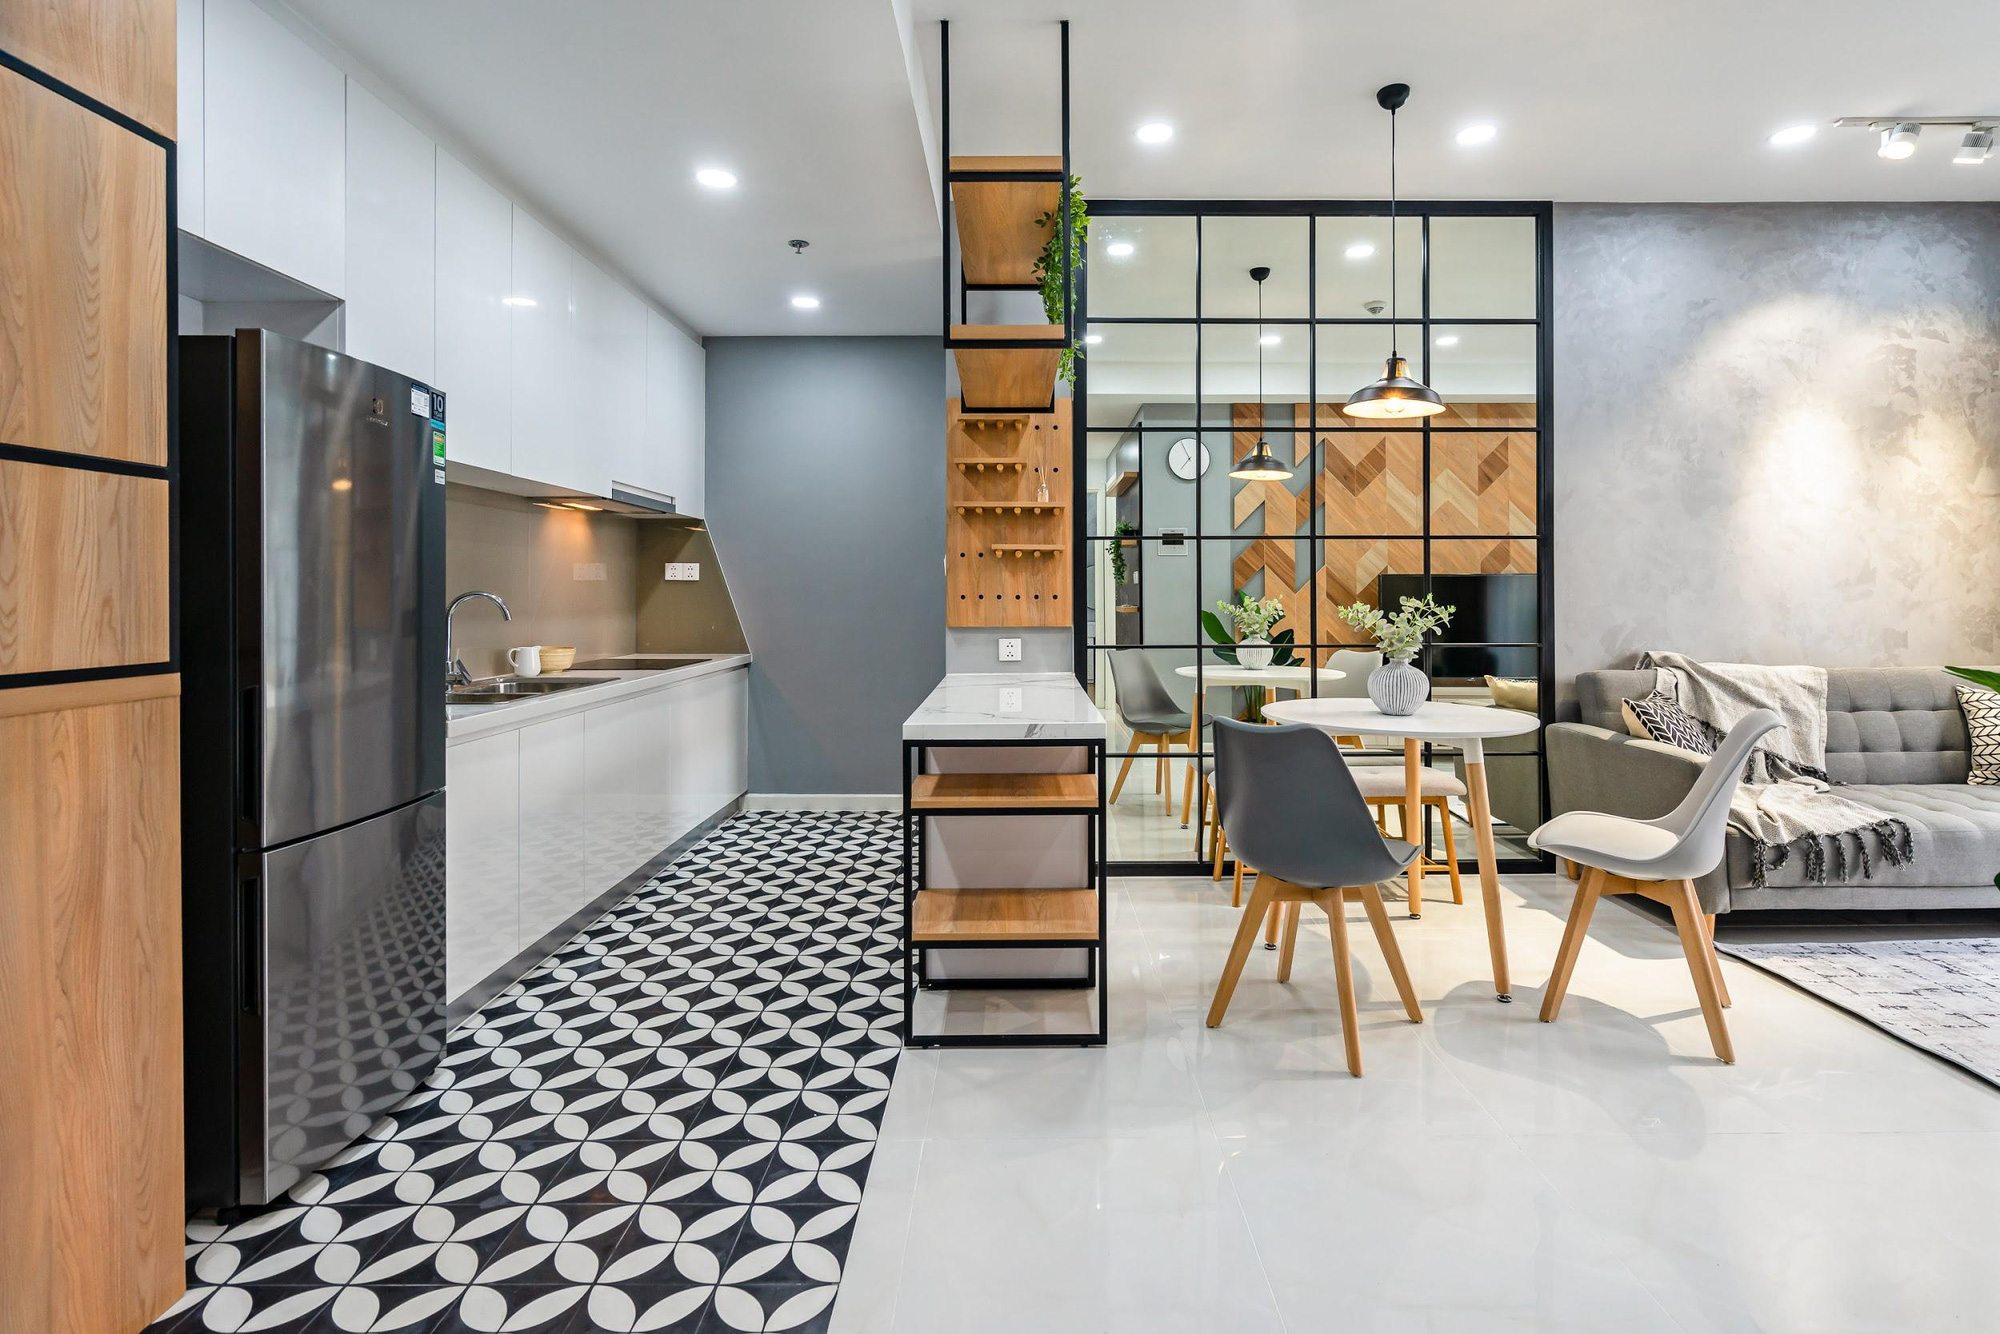 Industrial Style - Gợi ý không thể bỏ qua cho người thích không gian sống mộc mạc - Ảnh 3.